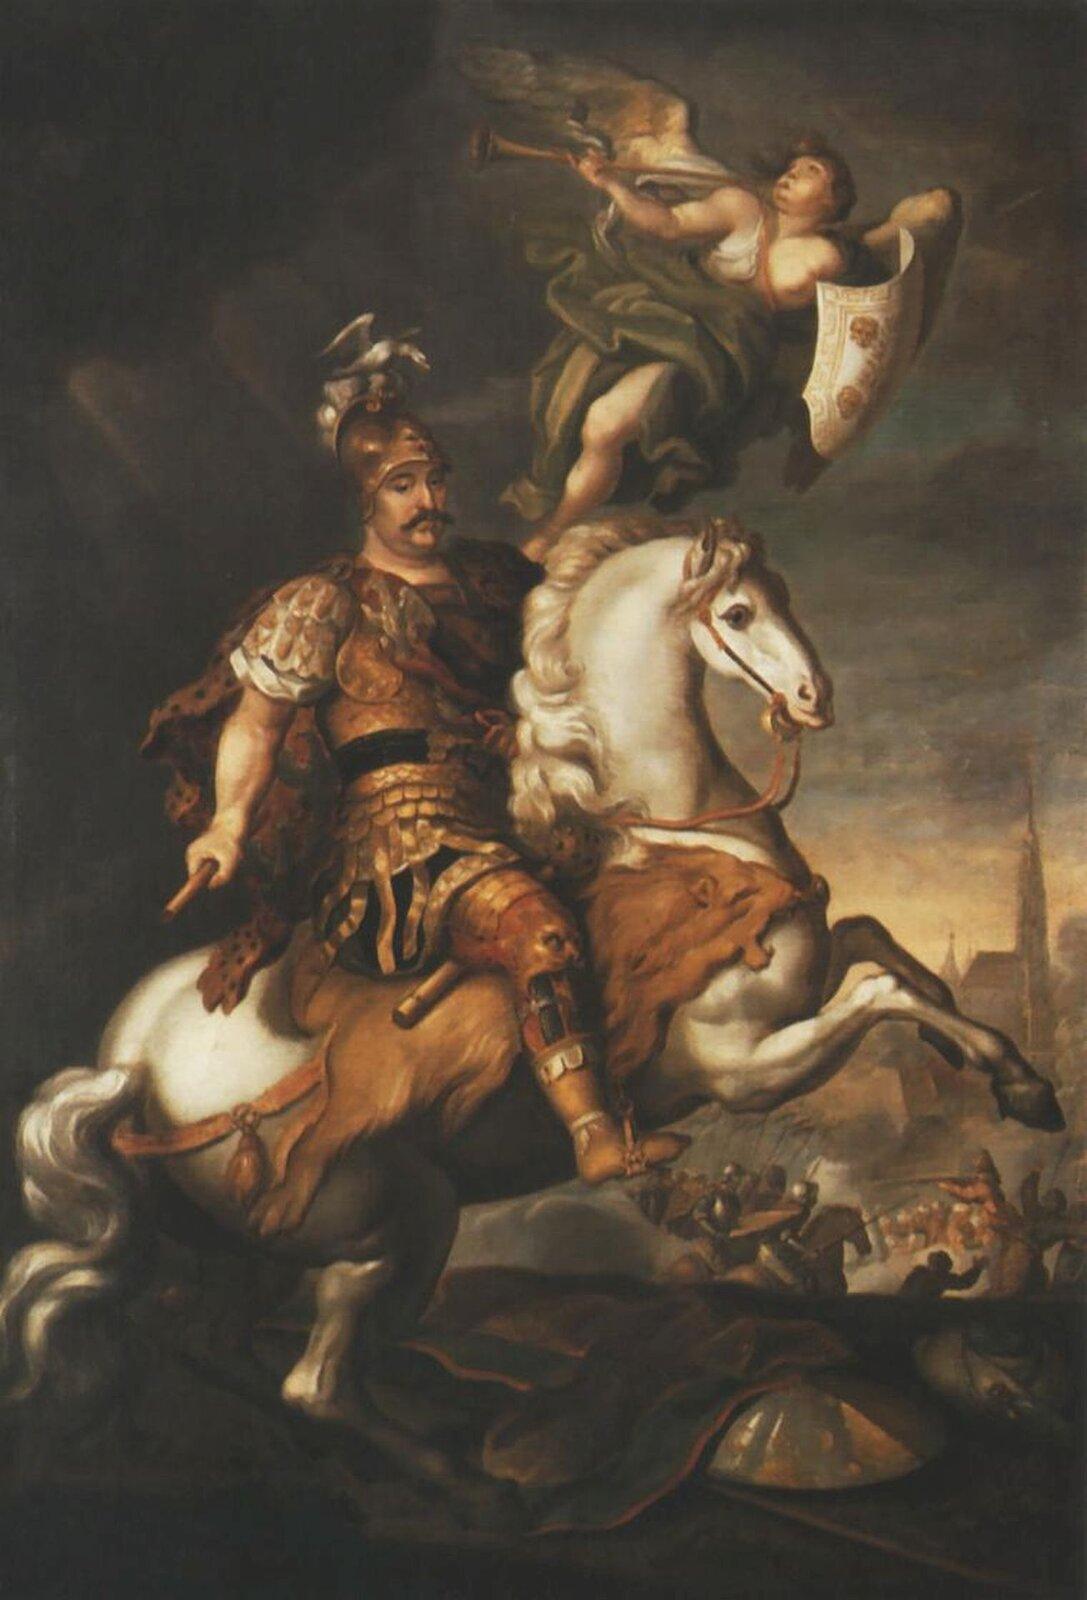 """Ilustracja przedstawia obraz Jerzego Semiginowskiego-Eleutera (Szymonowicza) """"Jan III pod Wiedniem"""". Ukazuje króla na koniu stającym dęba. Monarcha ma na sobie złotą zbroję, ana głowie hełm zpióropuszem iorłem. Nad nim znajduje się dmący wtrąbę anioł zrozłożonymi skrzydłami itarczą wlewej dłoni. Wtle rozgrywa się bitwa. Wlewym górny, rogu znajduje się ciemna chmura, spod której wydobywają się promienie słoneczne."""